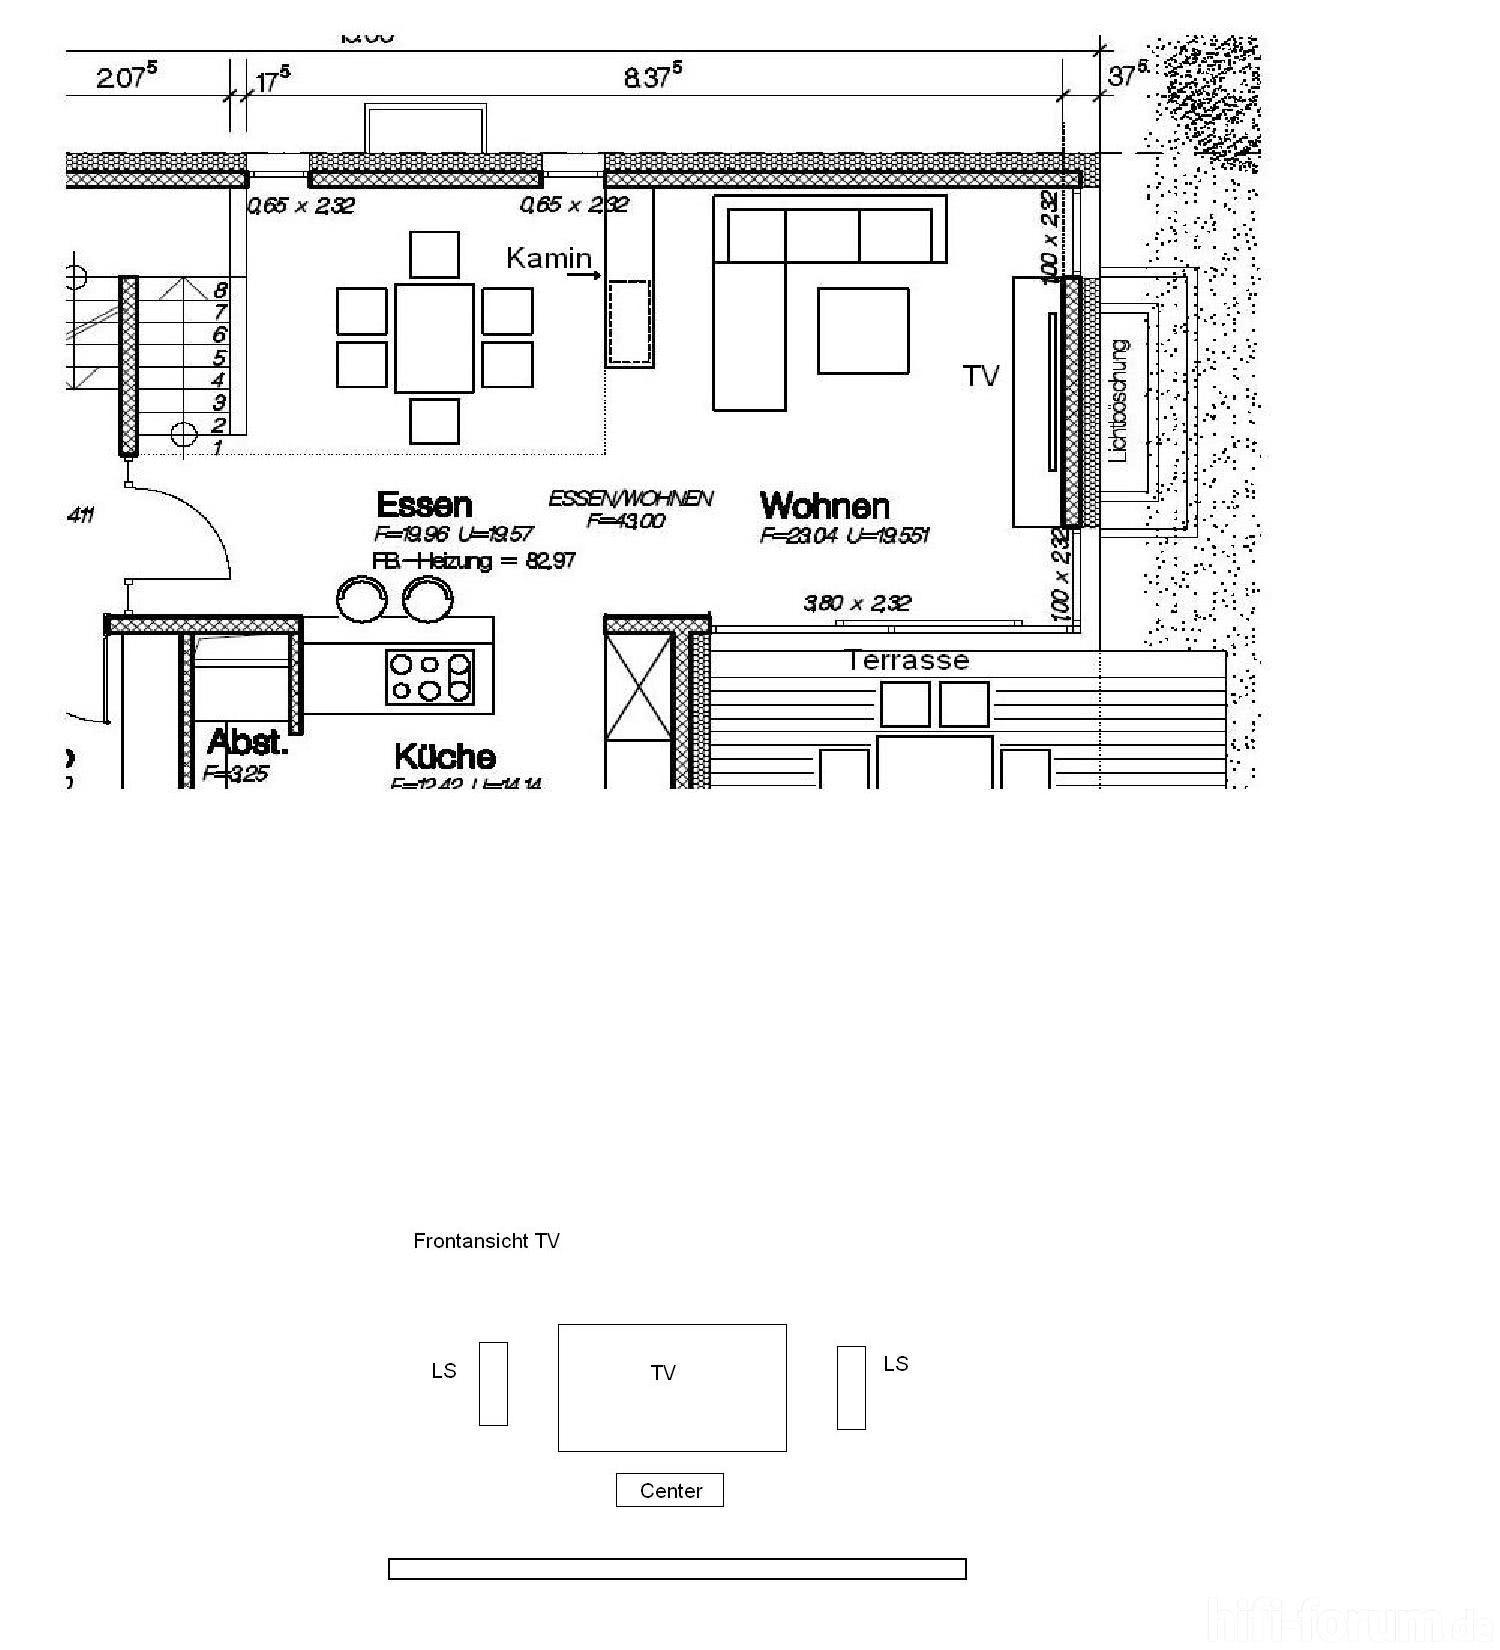 Wohnzimmerplan | heimkino, komplettsysteme, surround, wohnzimmerplan ...